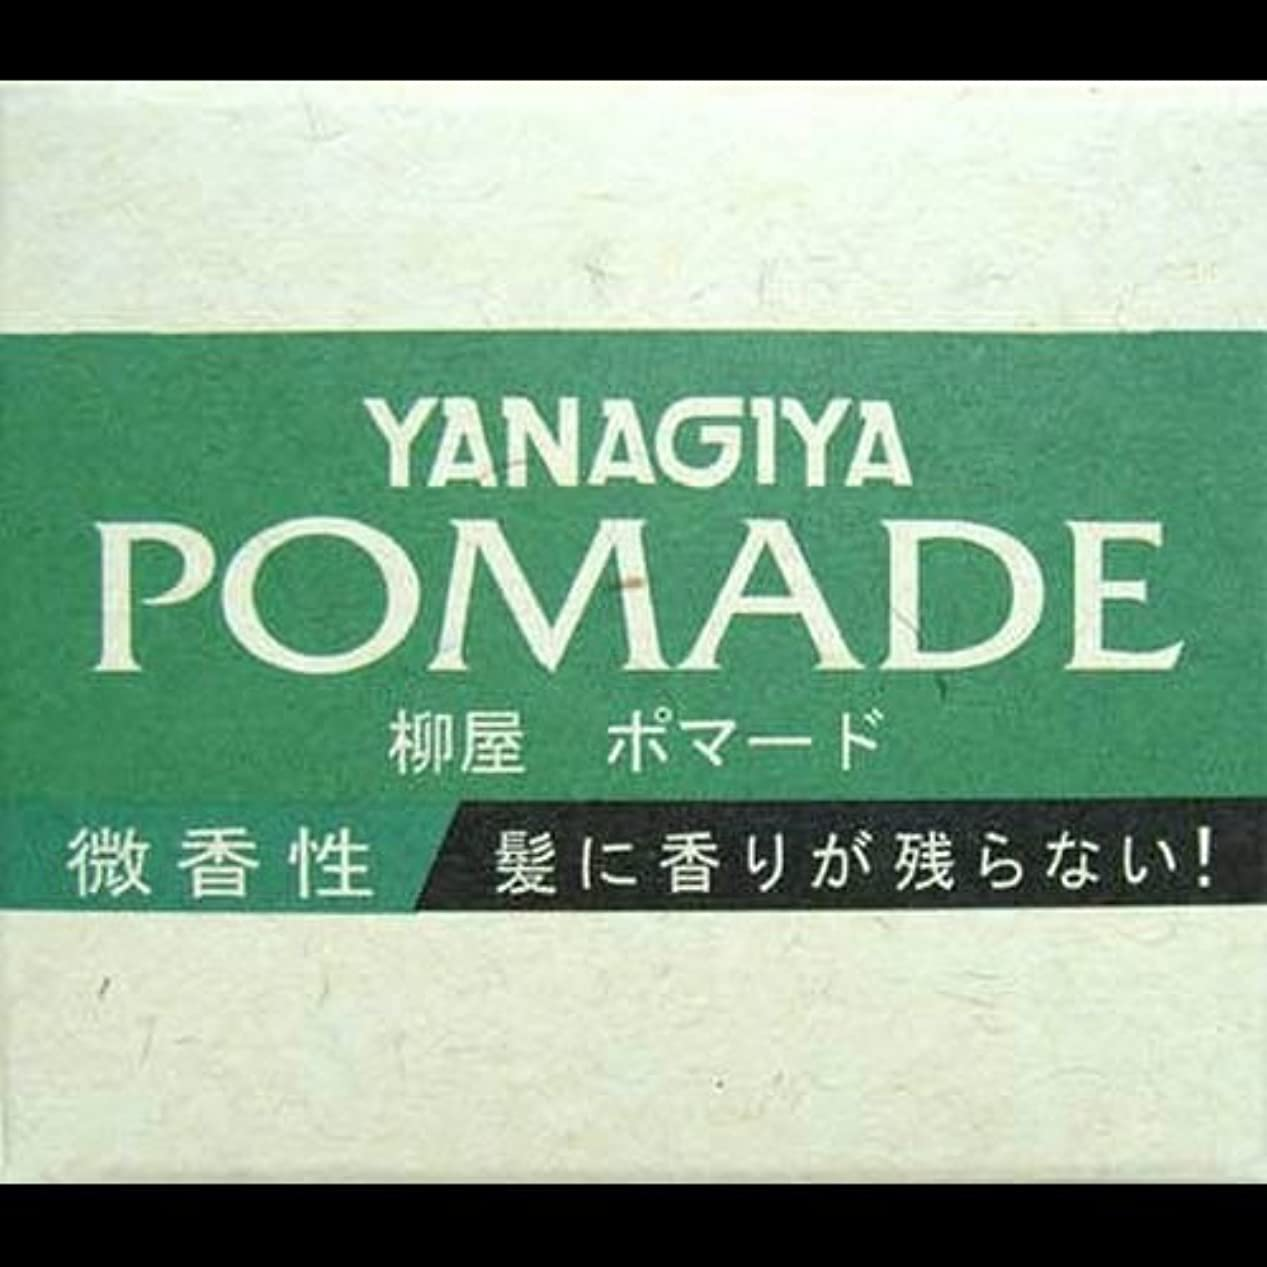 予算ネコ偶然の【まとめ買い】柳屋 ポマード微香性120g ×2セット